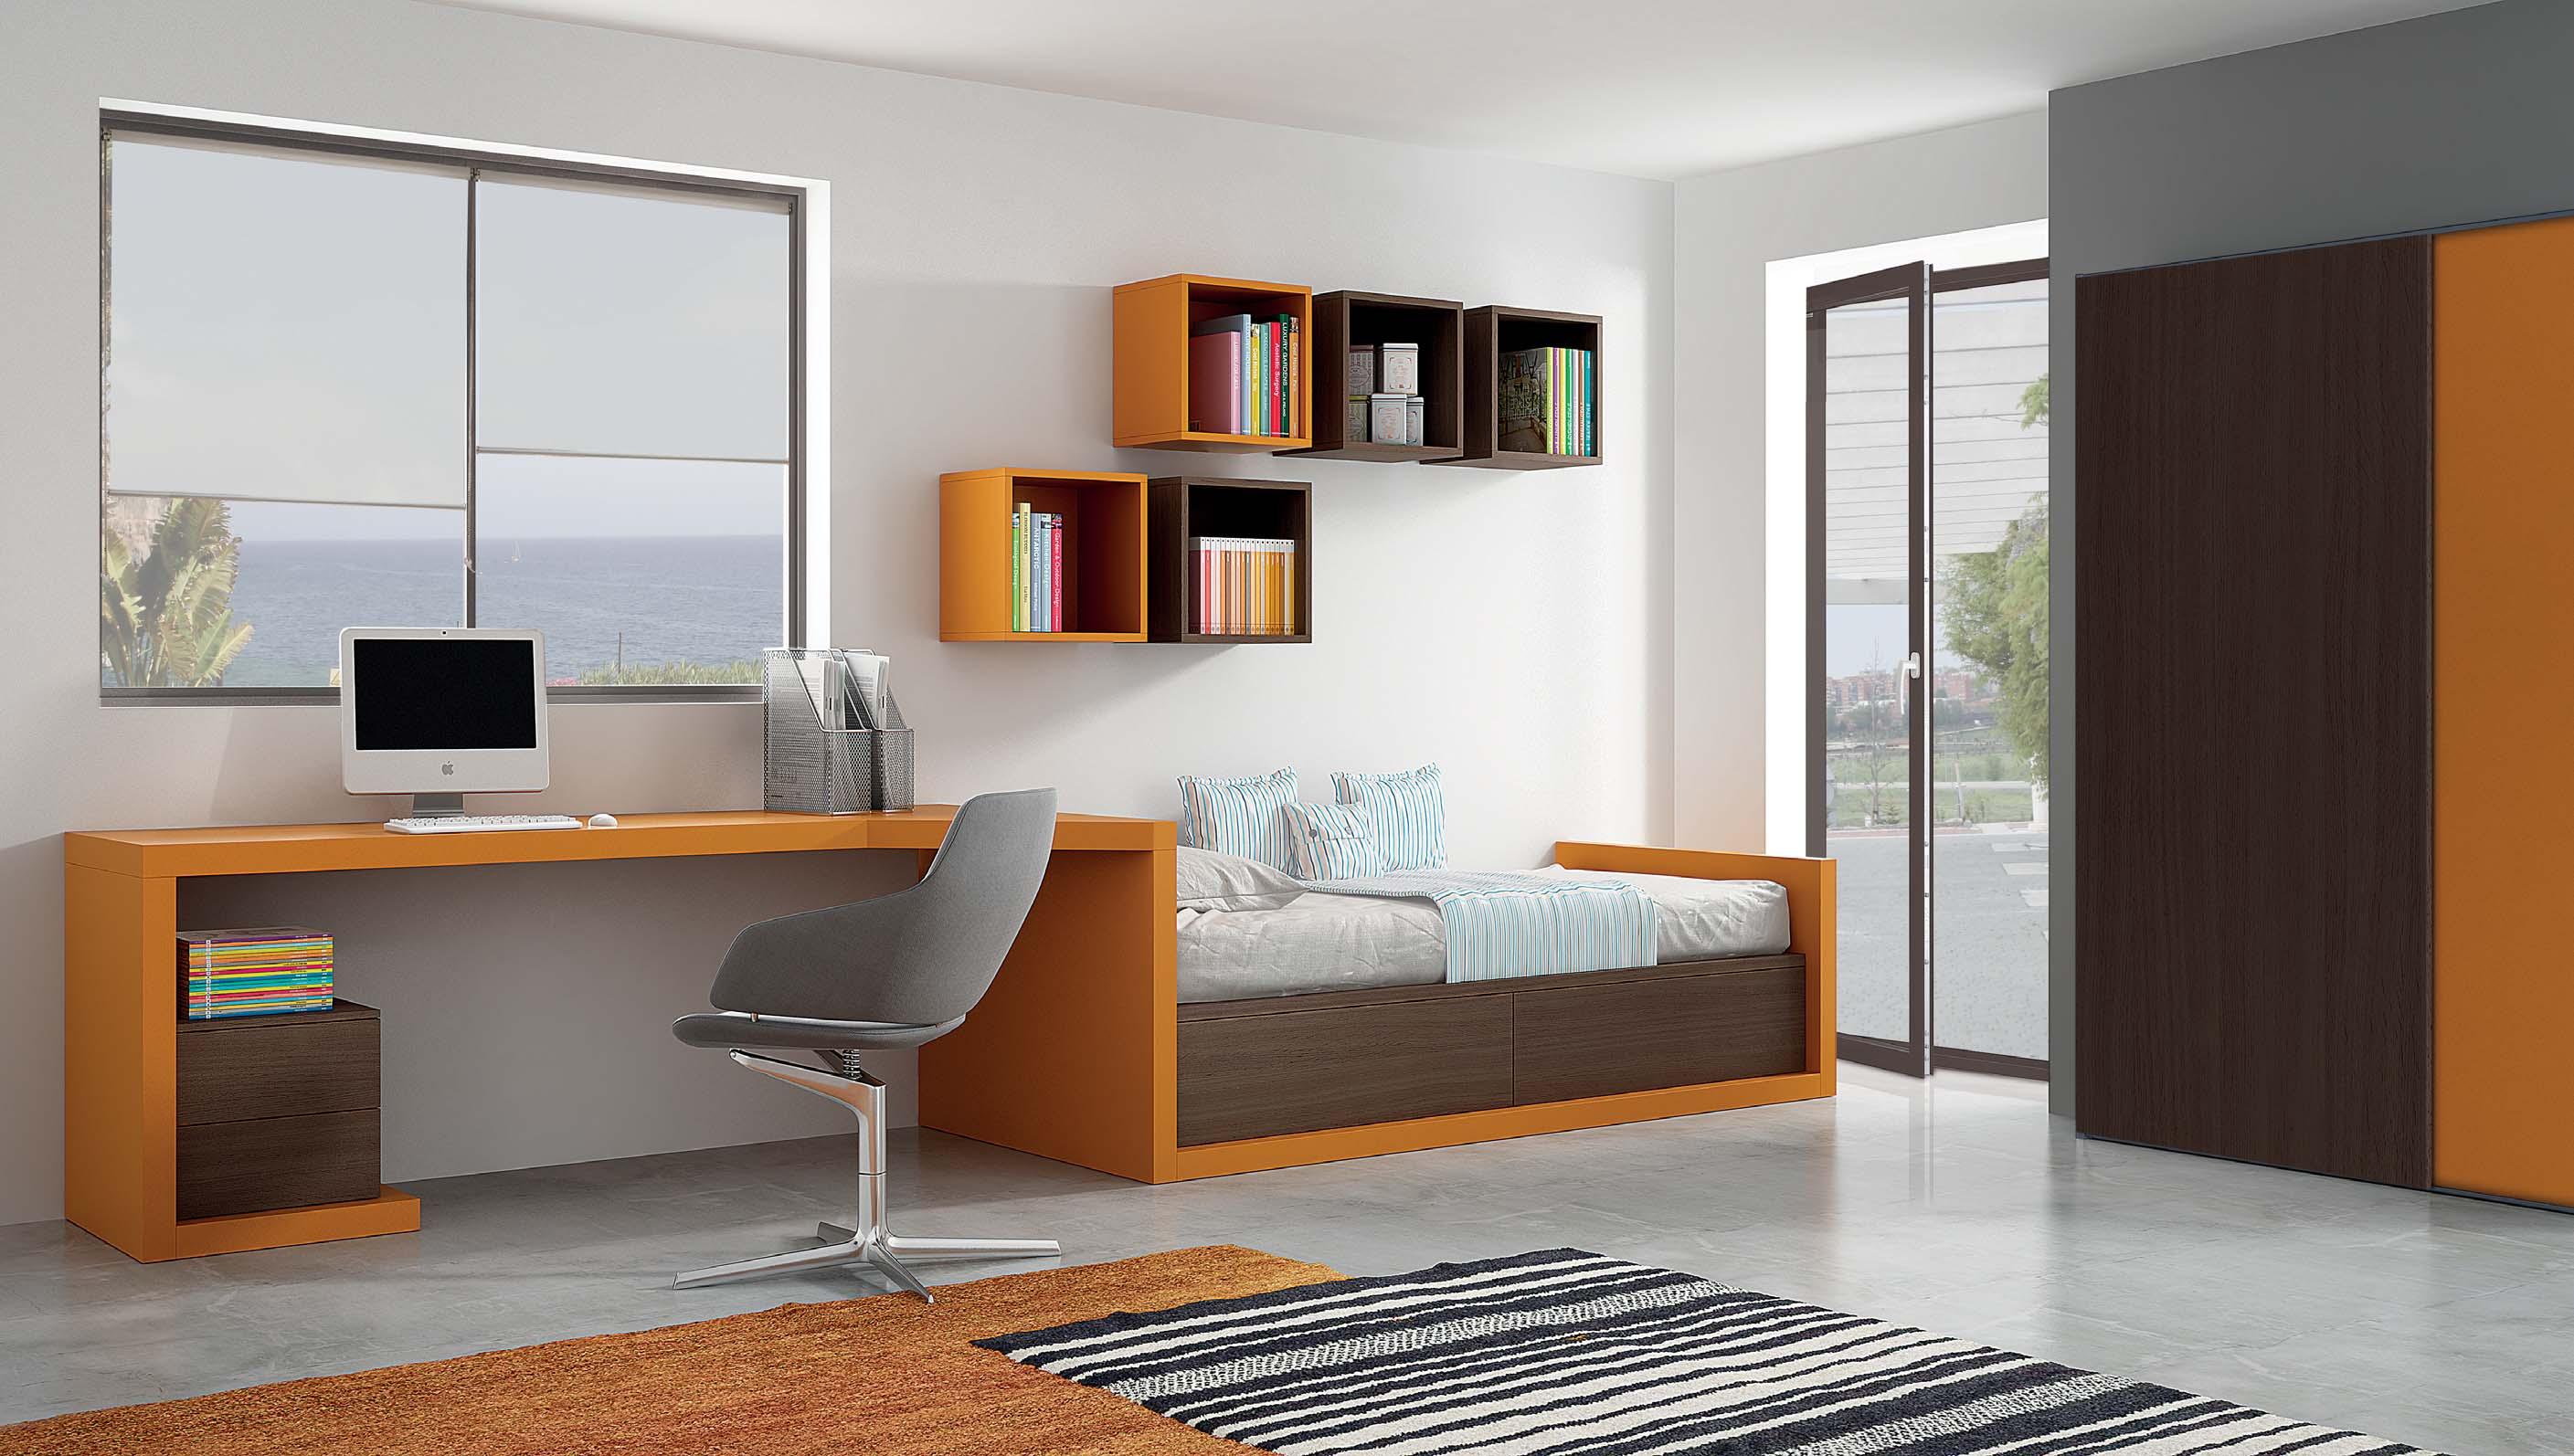 Dormitorios Juveniles Archives - Muebles Gil Martín